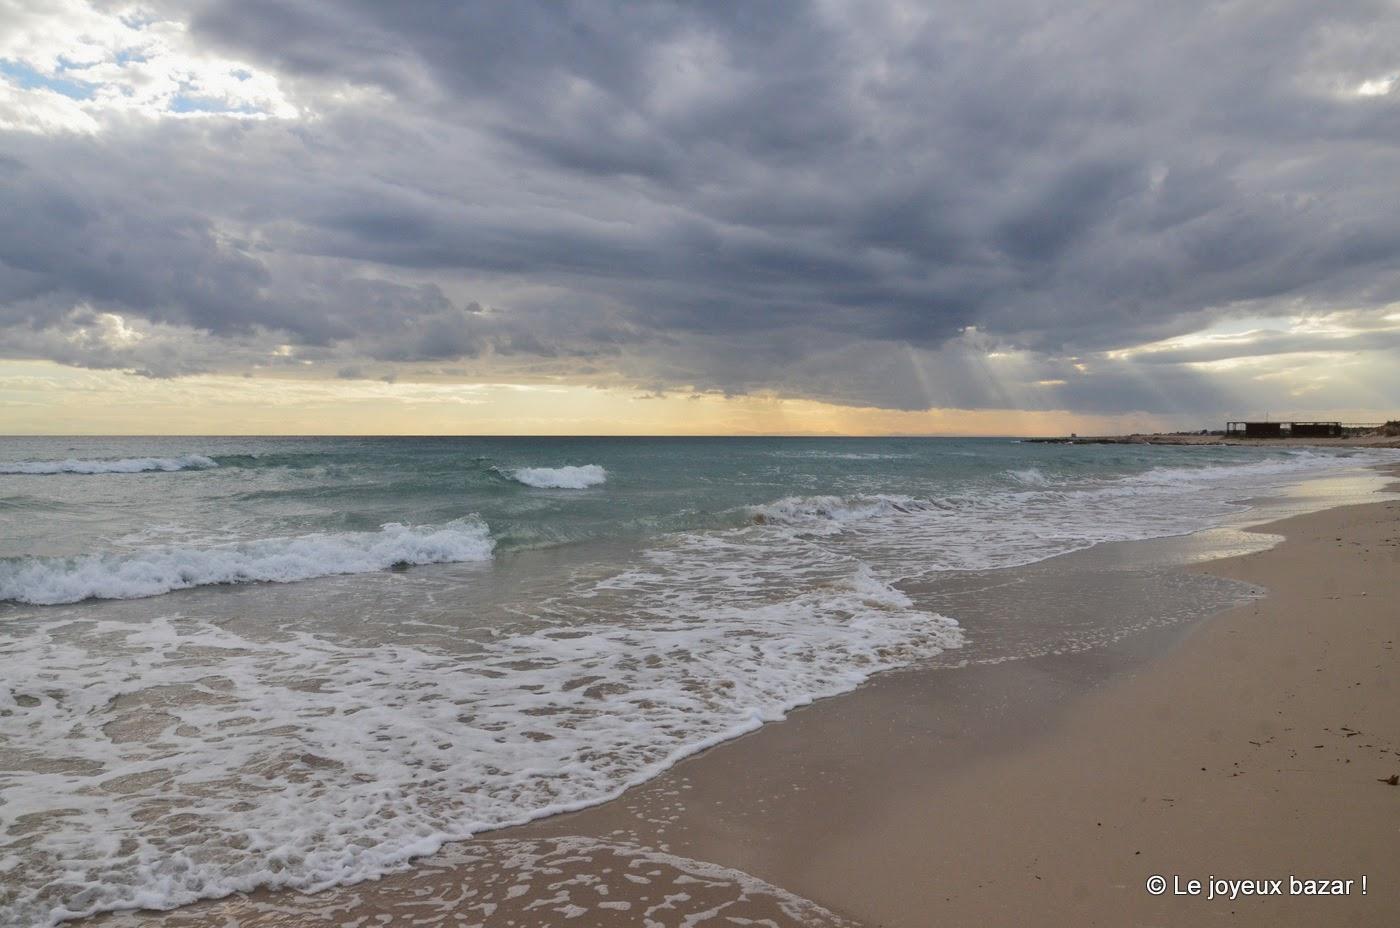 Italie - Les Pouilles  - ciel